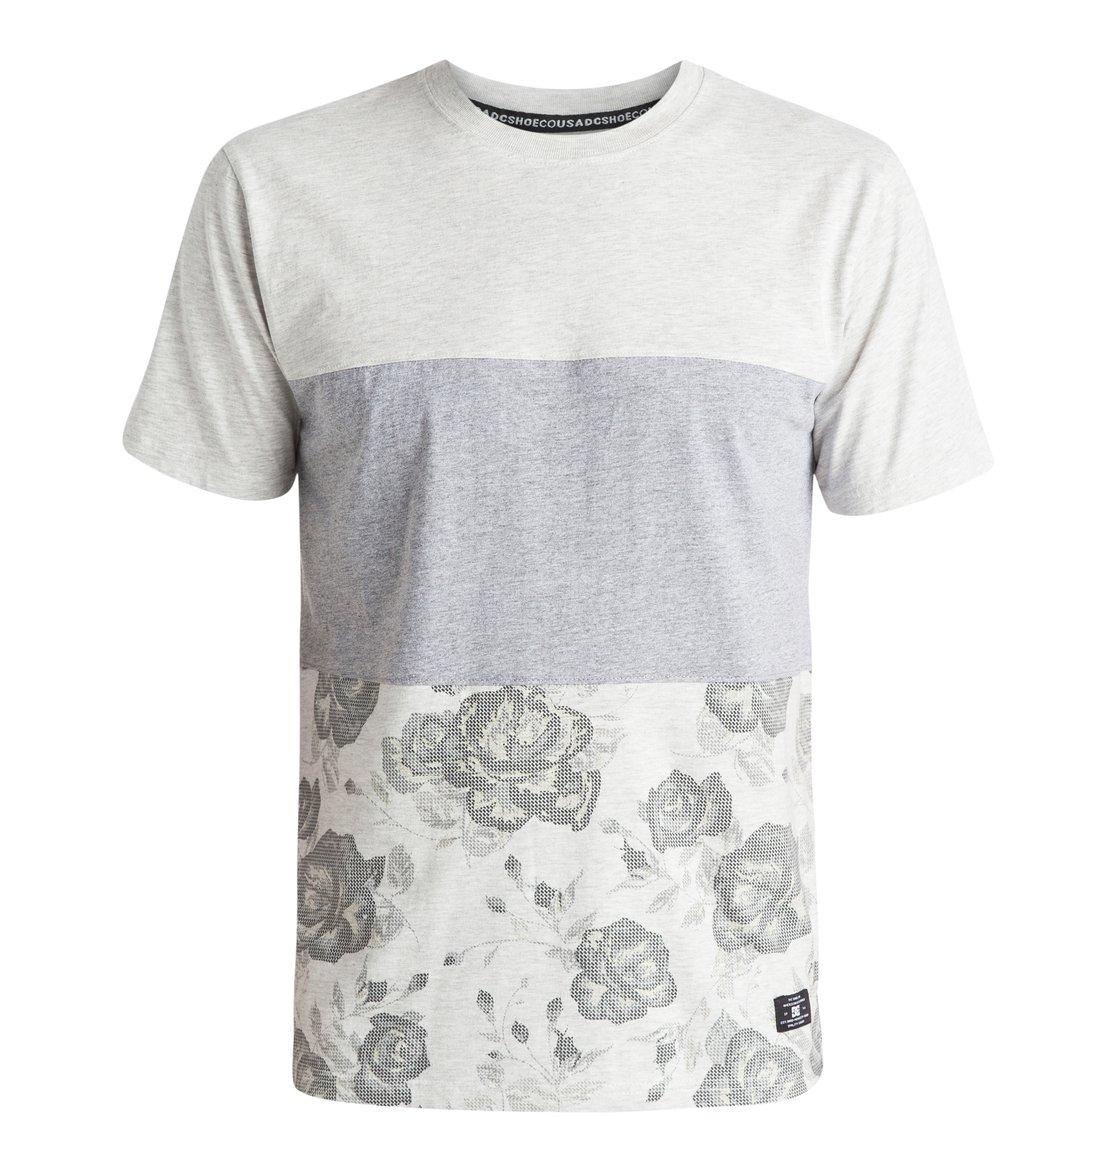 Richton T-ShirtМужская футболка Richton от DC Shoes. <br>ХАРАКТЕРИСТИКИ: мягкий трикотаж, панельный дизайн в стиле color block, сплошной принт в нижней части, боковые прорези. <br>СОСТАВ: 100% хлопок.<br>